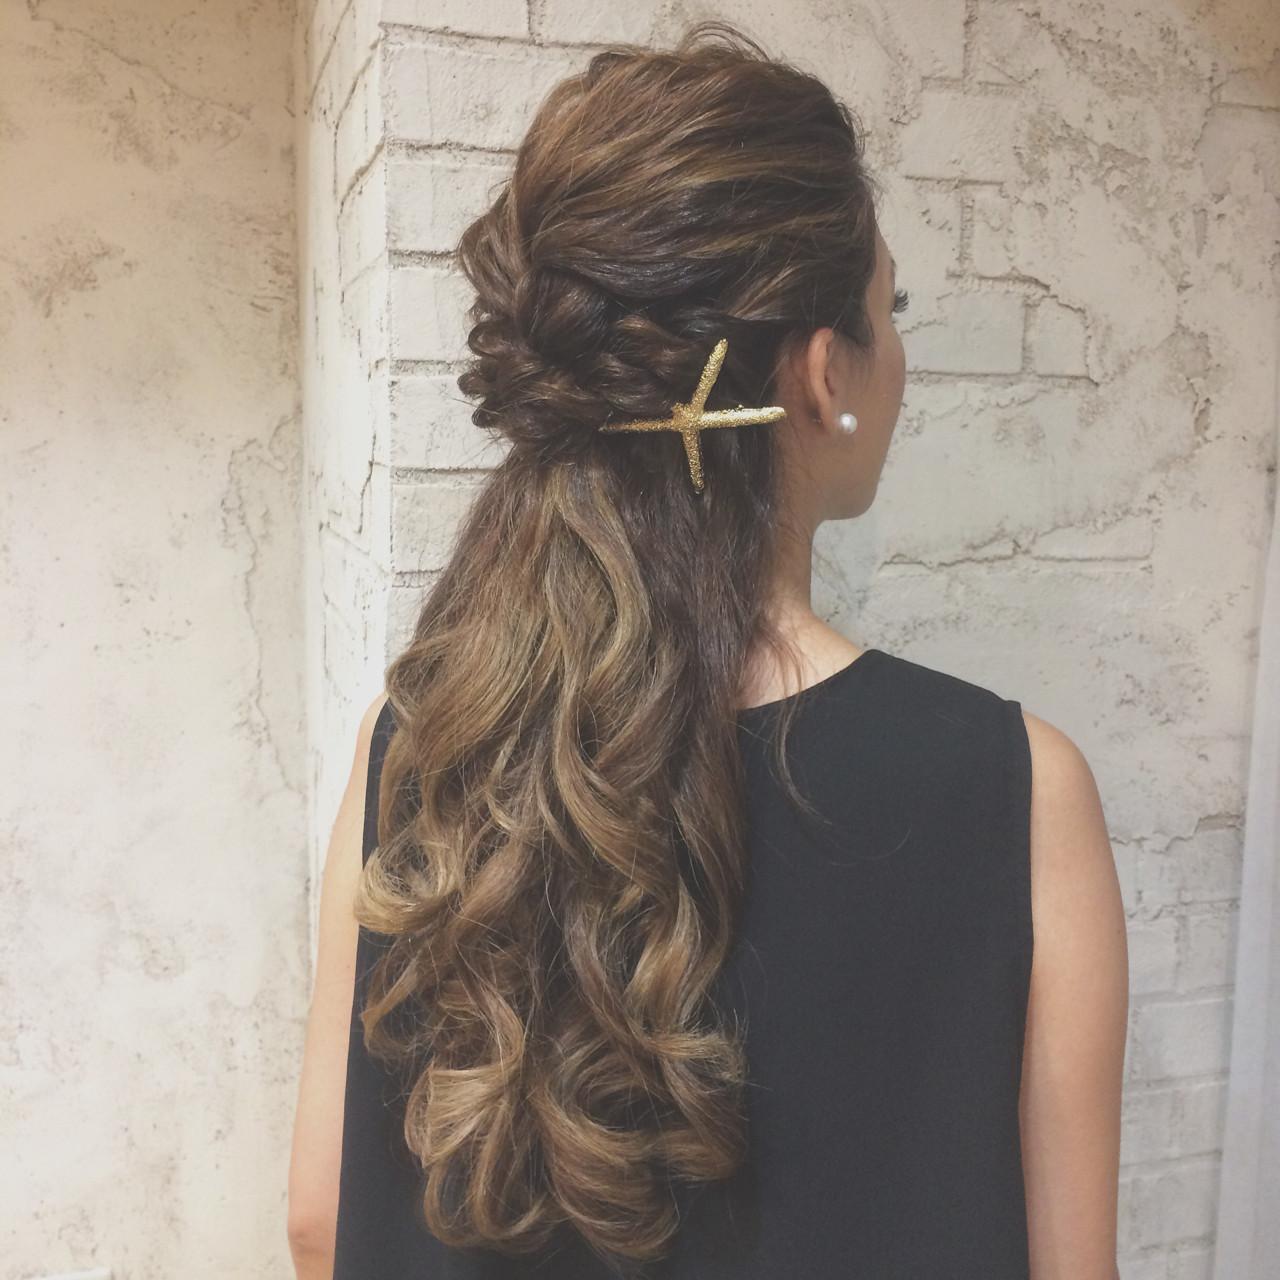 ヘアアレンジ ハーフアップ ショート 外国人風 ヘアスタイルや髪型の写真・画像